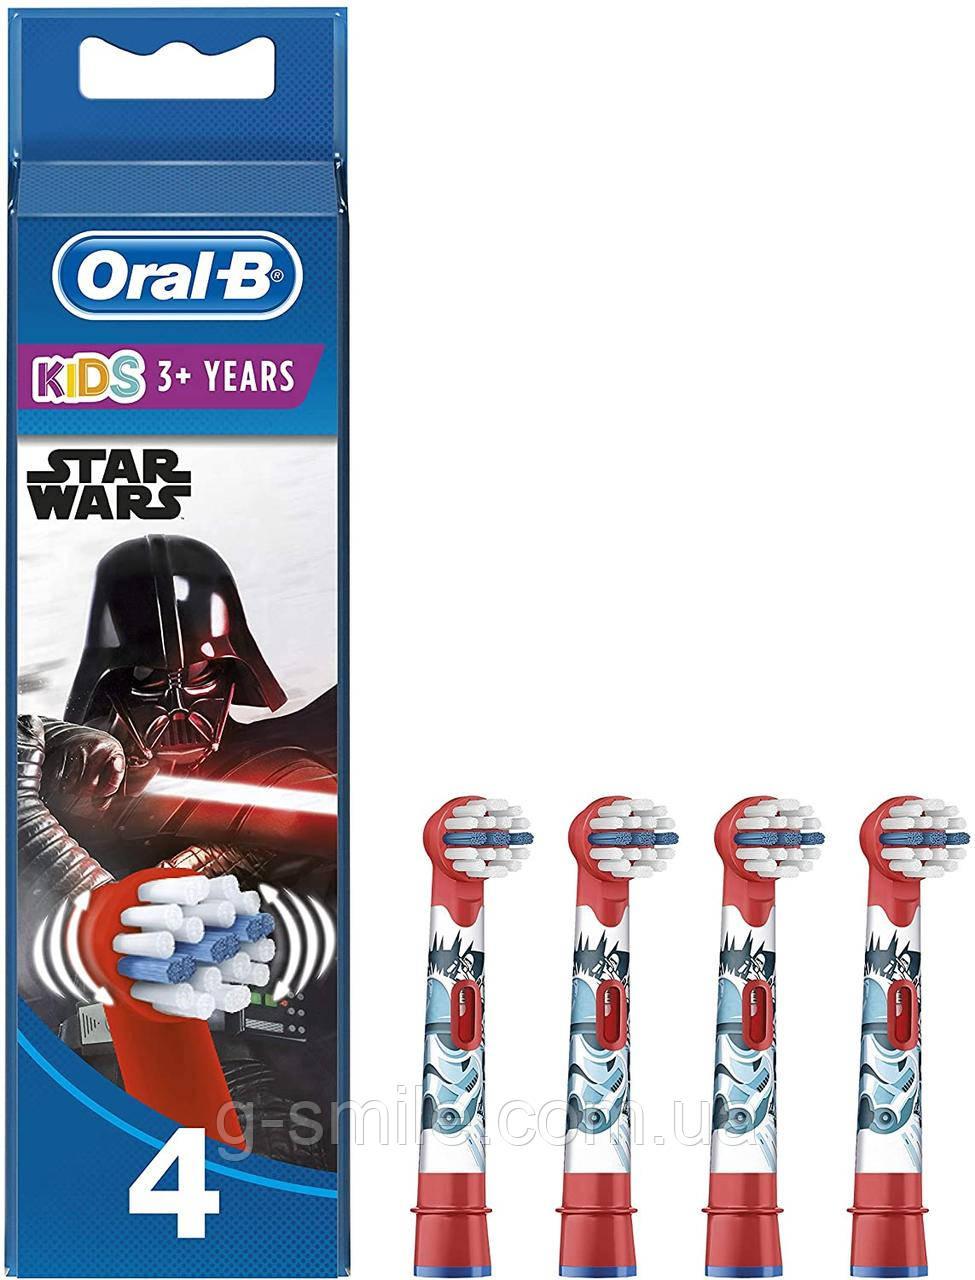 Насадки для зубных щеток Oral-B Kids Звездные войны (ціна за одну насадку)